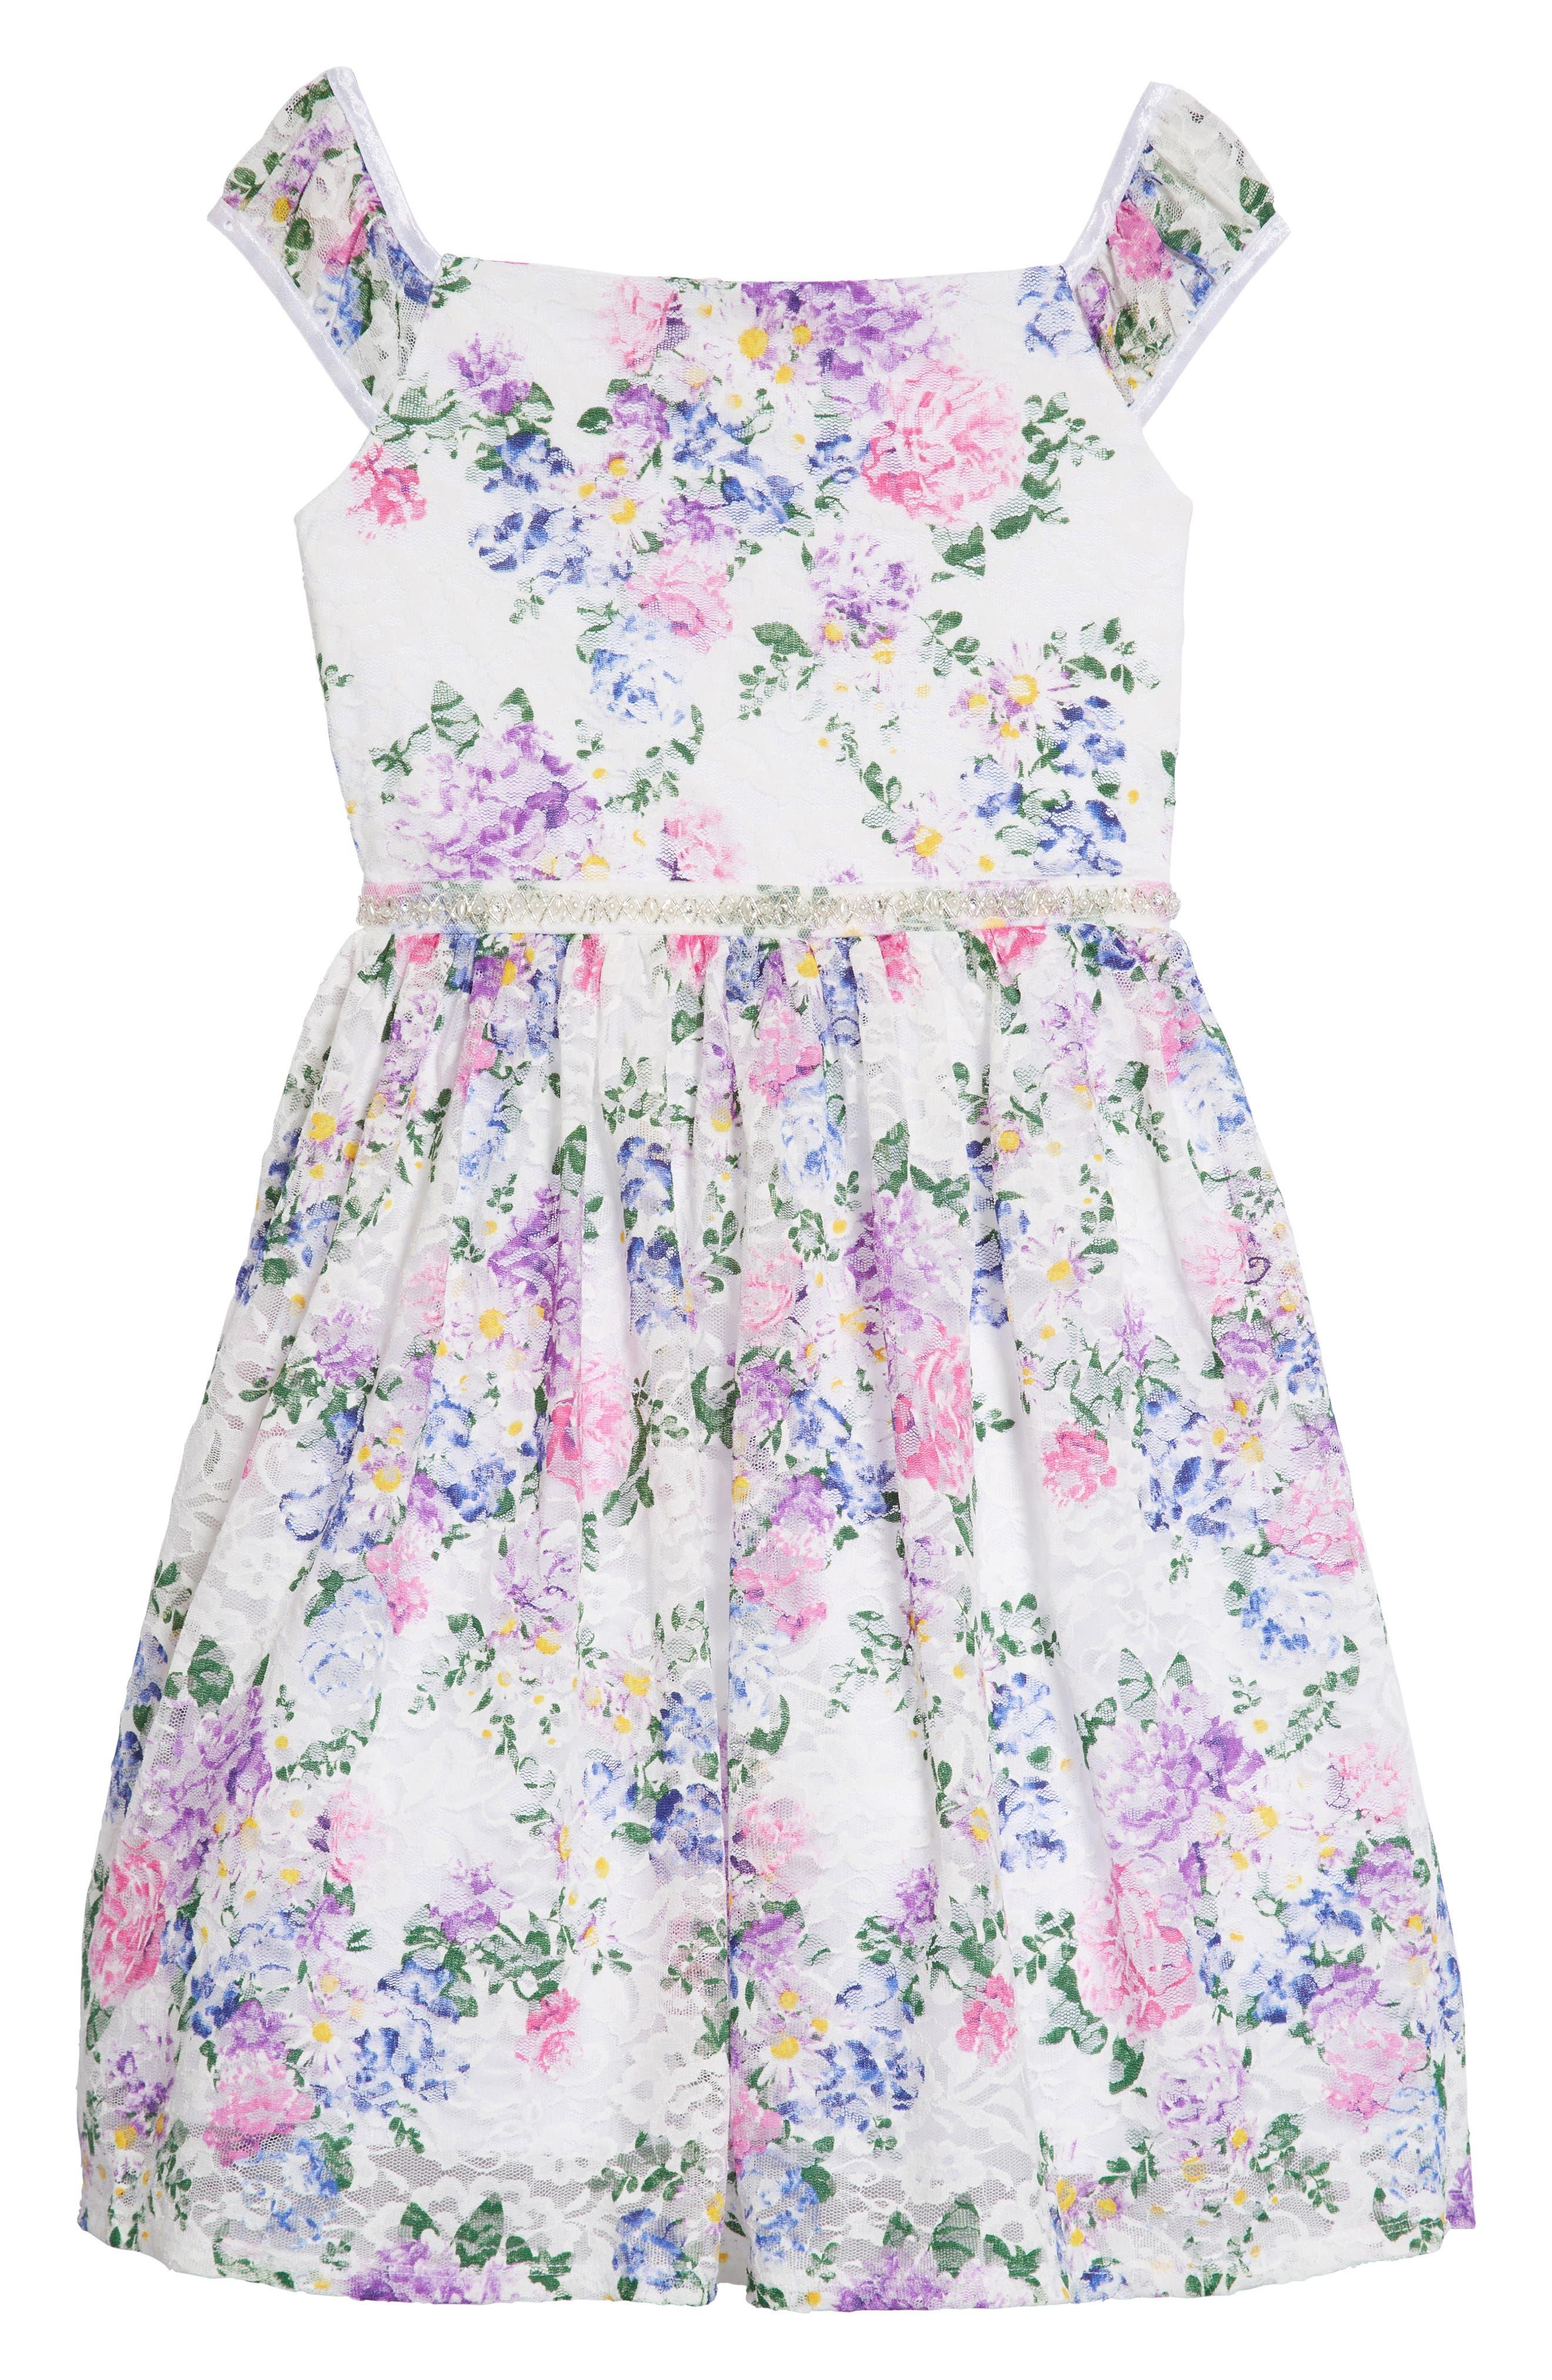 Floral Lace Dress,                             Main thumbnail 1, color,                             106